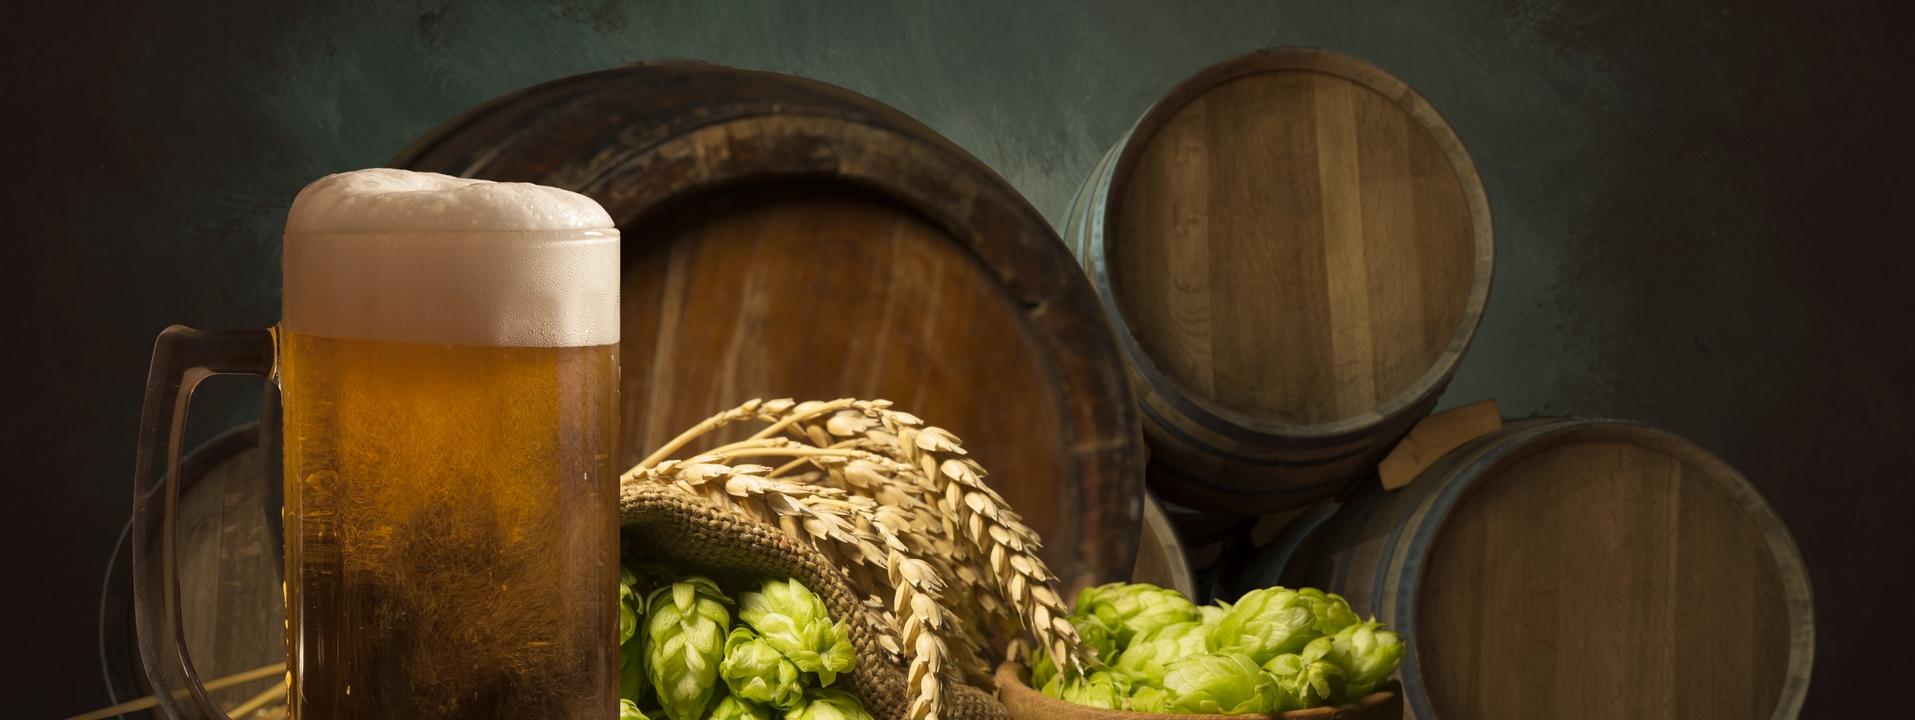 Bières bio et panachés